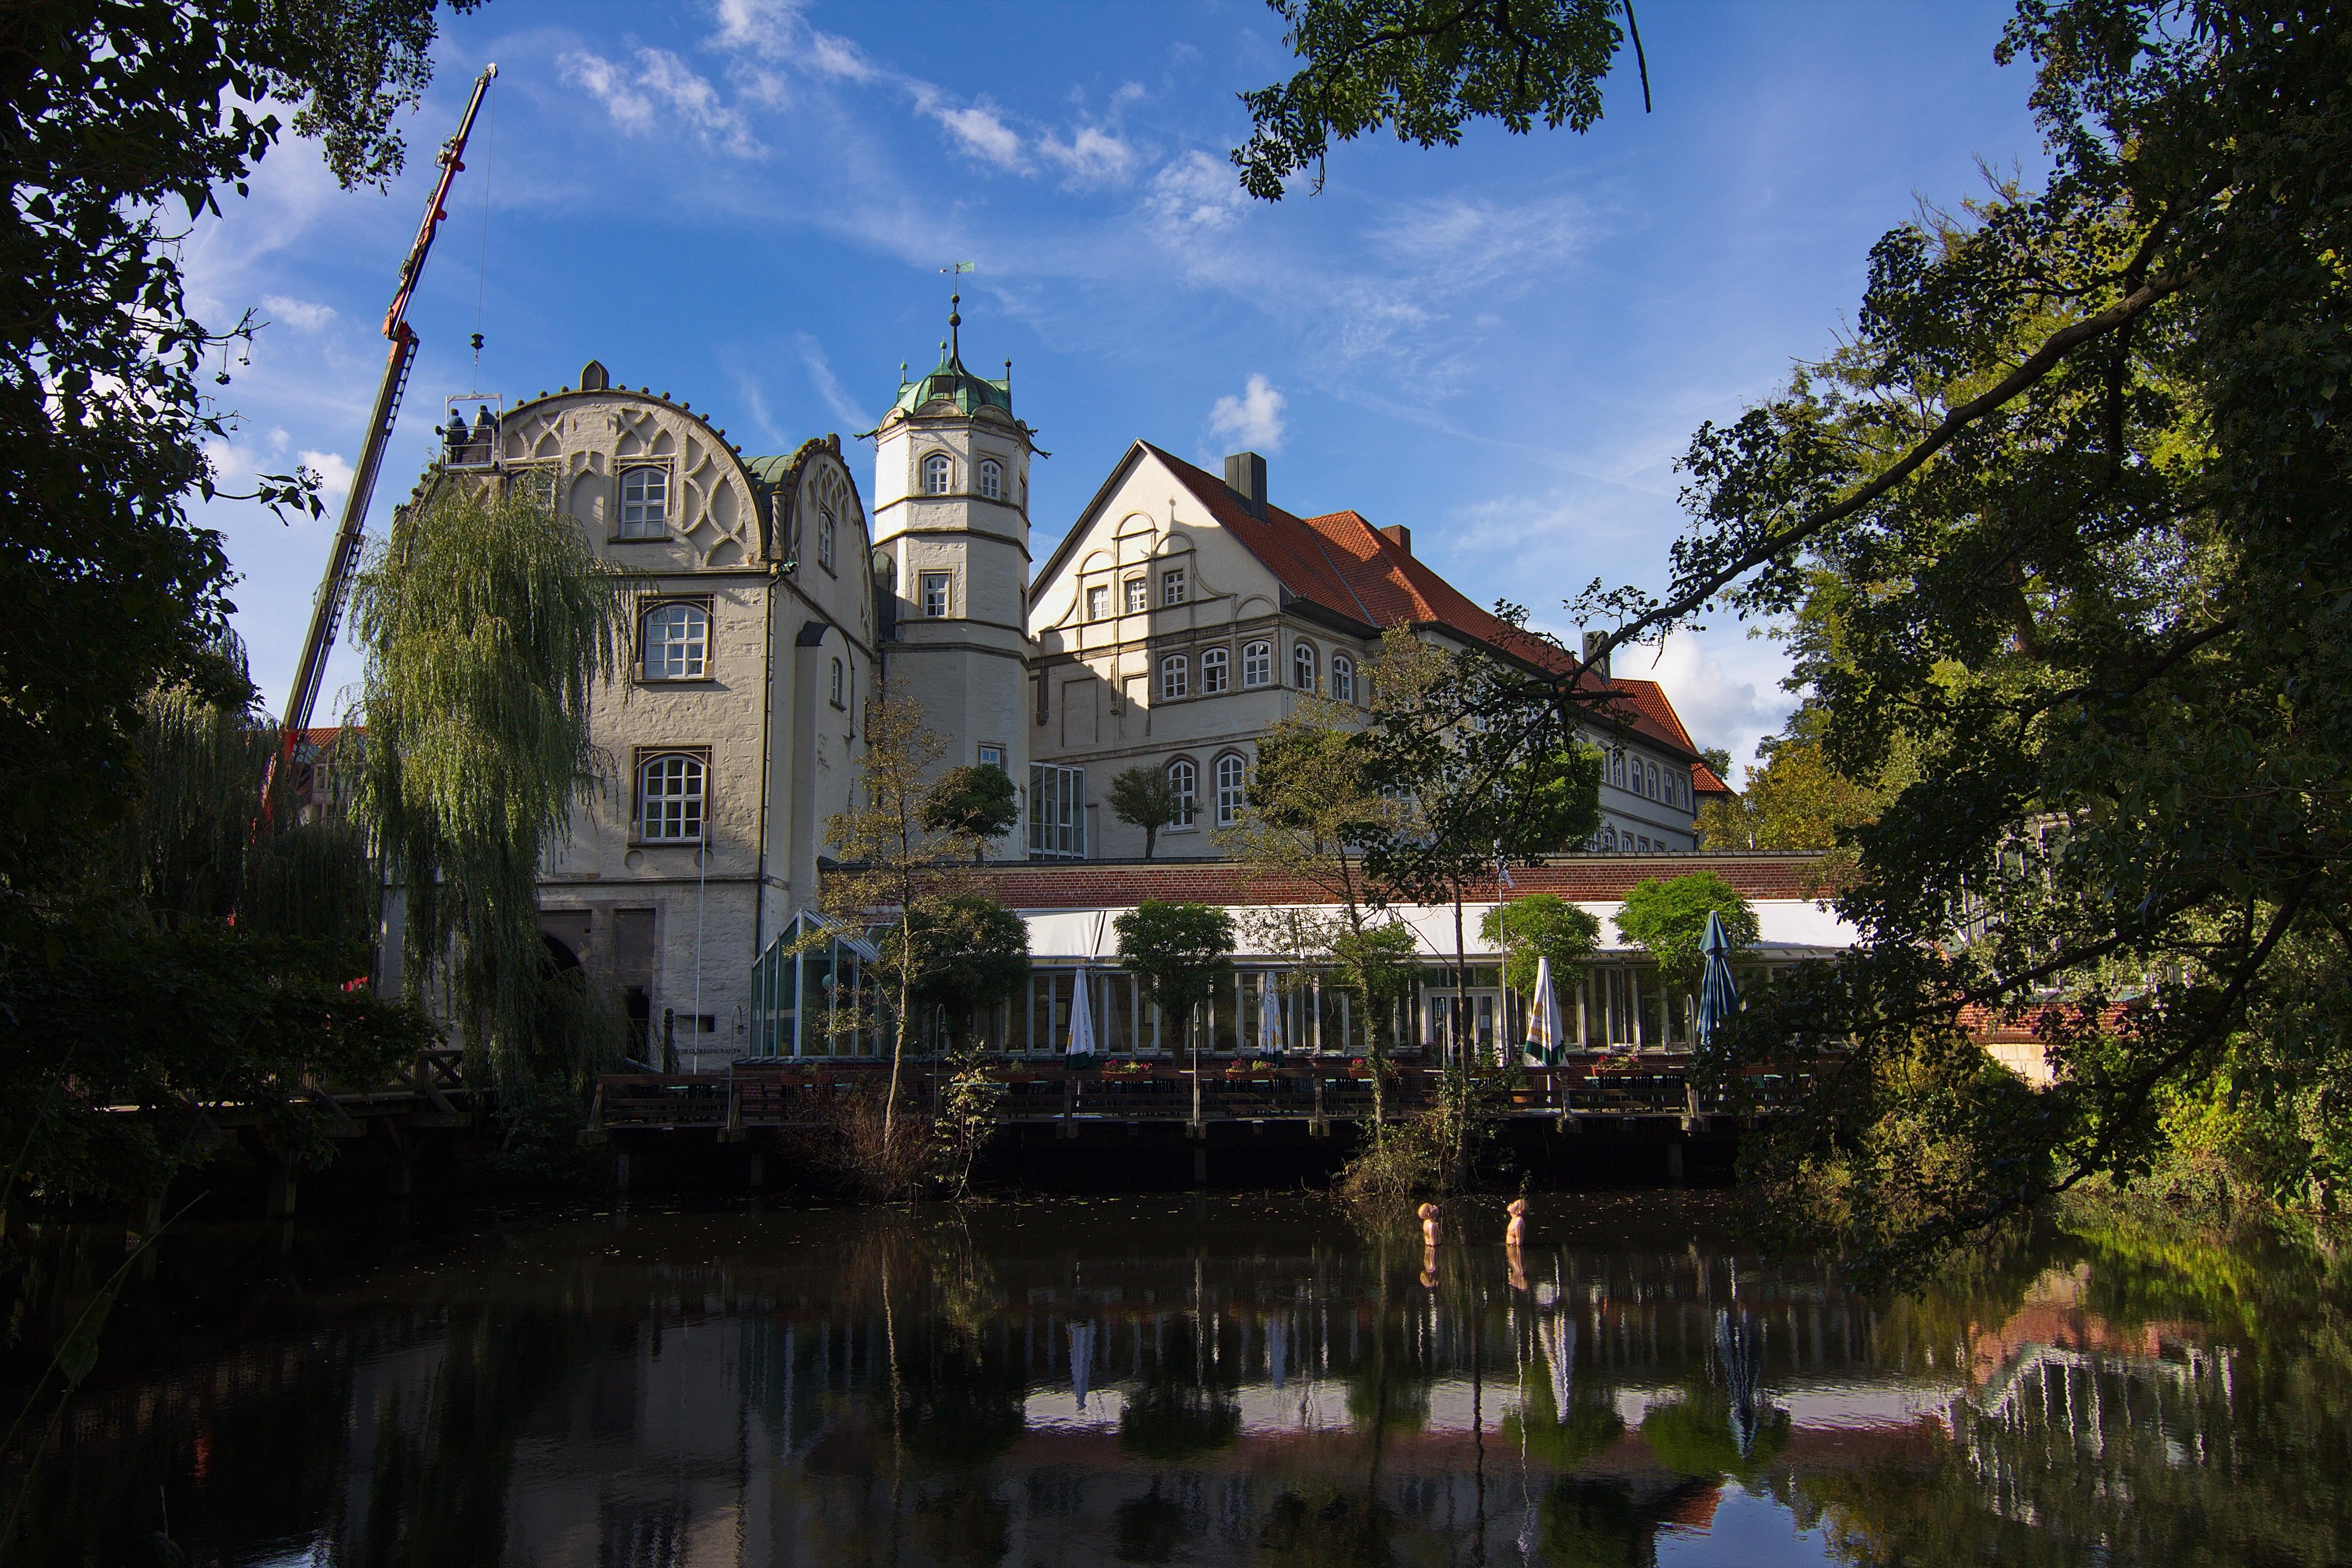 Bild von Gifhorn (Landkreis): Schloss Gifhorn IMG 2892